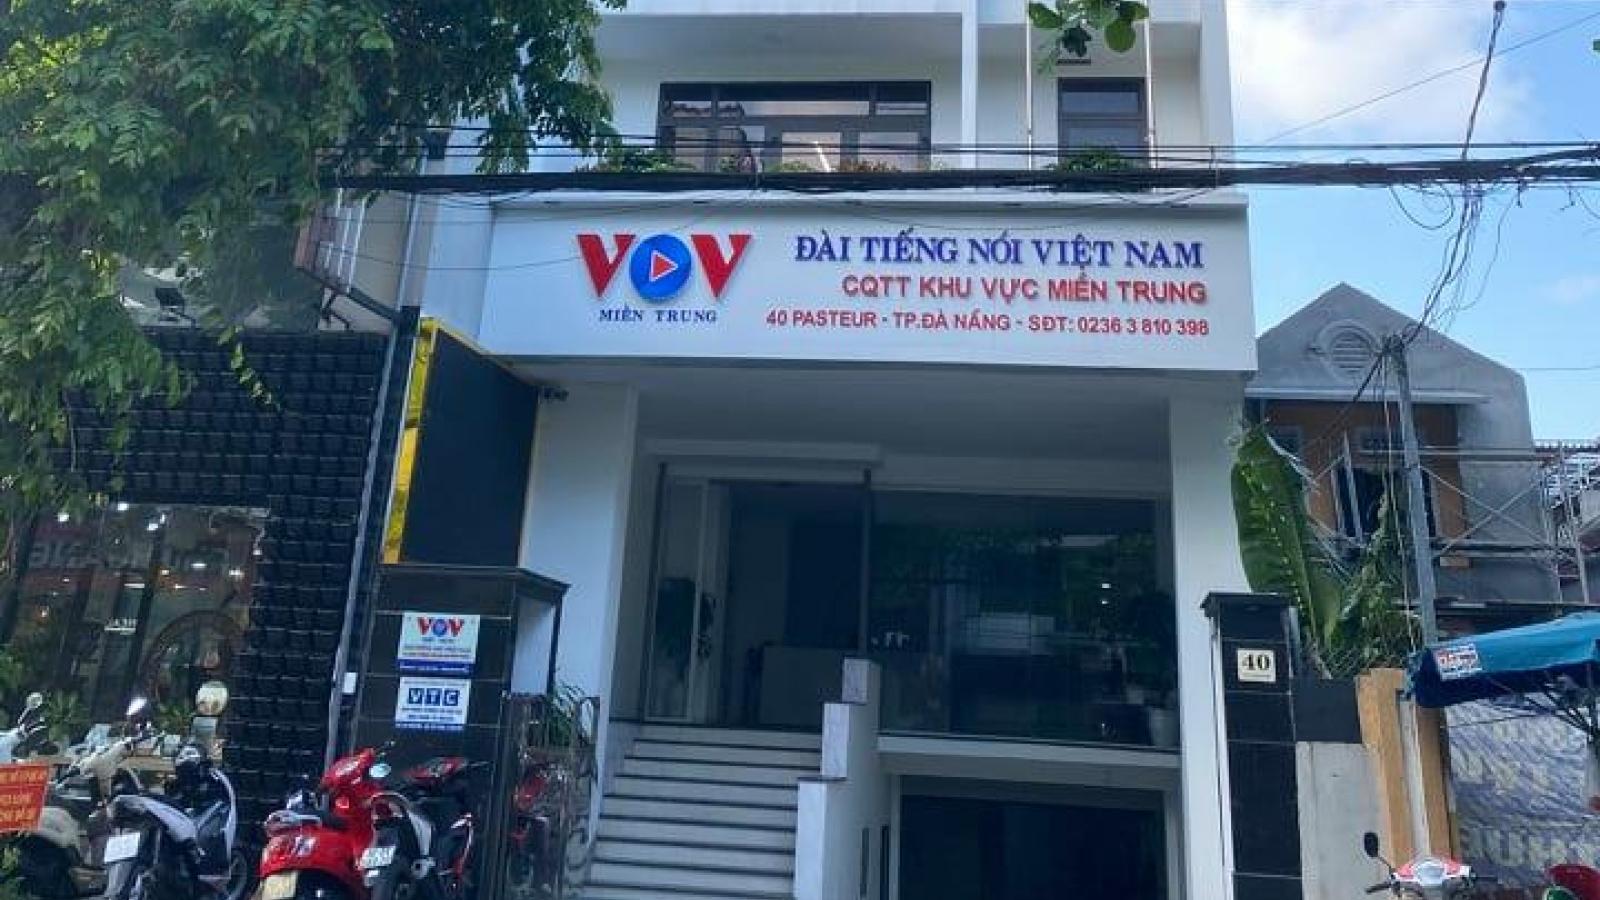 VOV tuyển dụng phóng viên làm việc tạimiền Trung